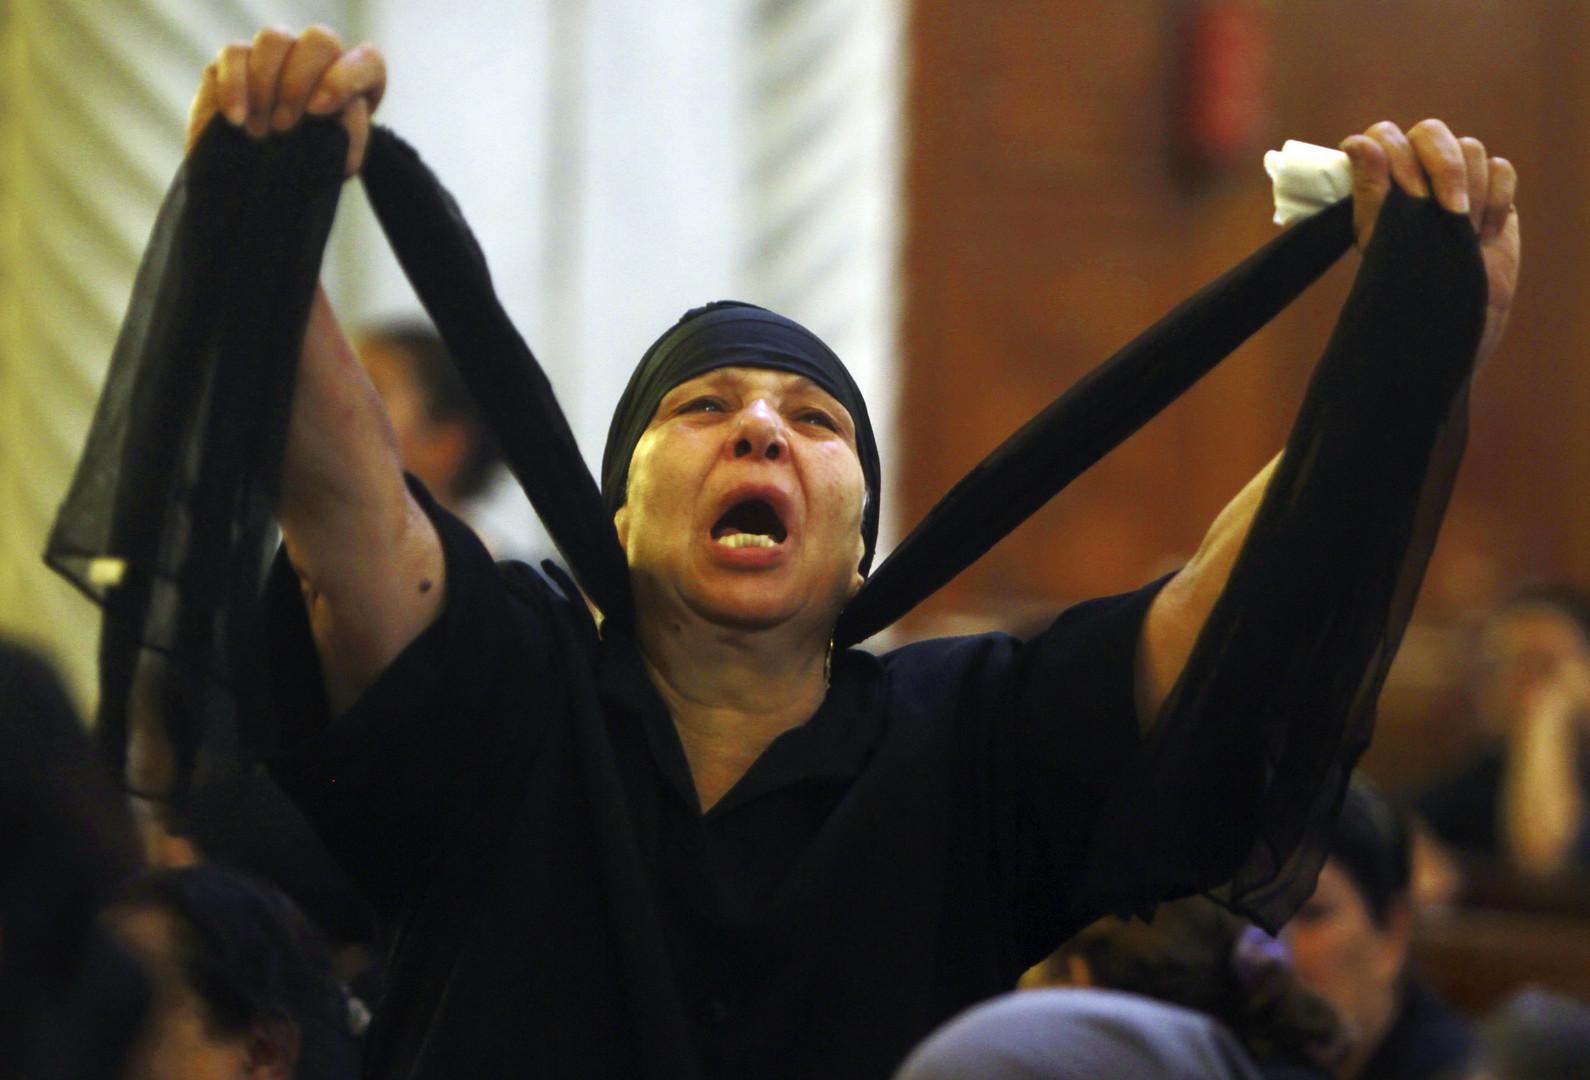 Christin in Ägypten trauert während eines Massenbegräbnisses: Soldaten hatten eine koptische Kirche beschossen, Abassaiya-Kathedrale, Kairo, Oktober 2011.